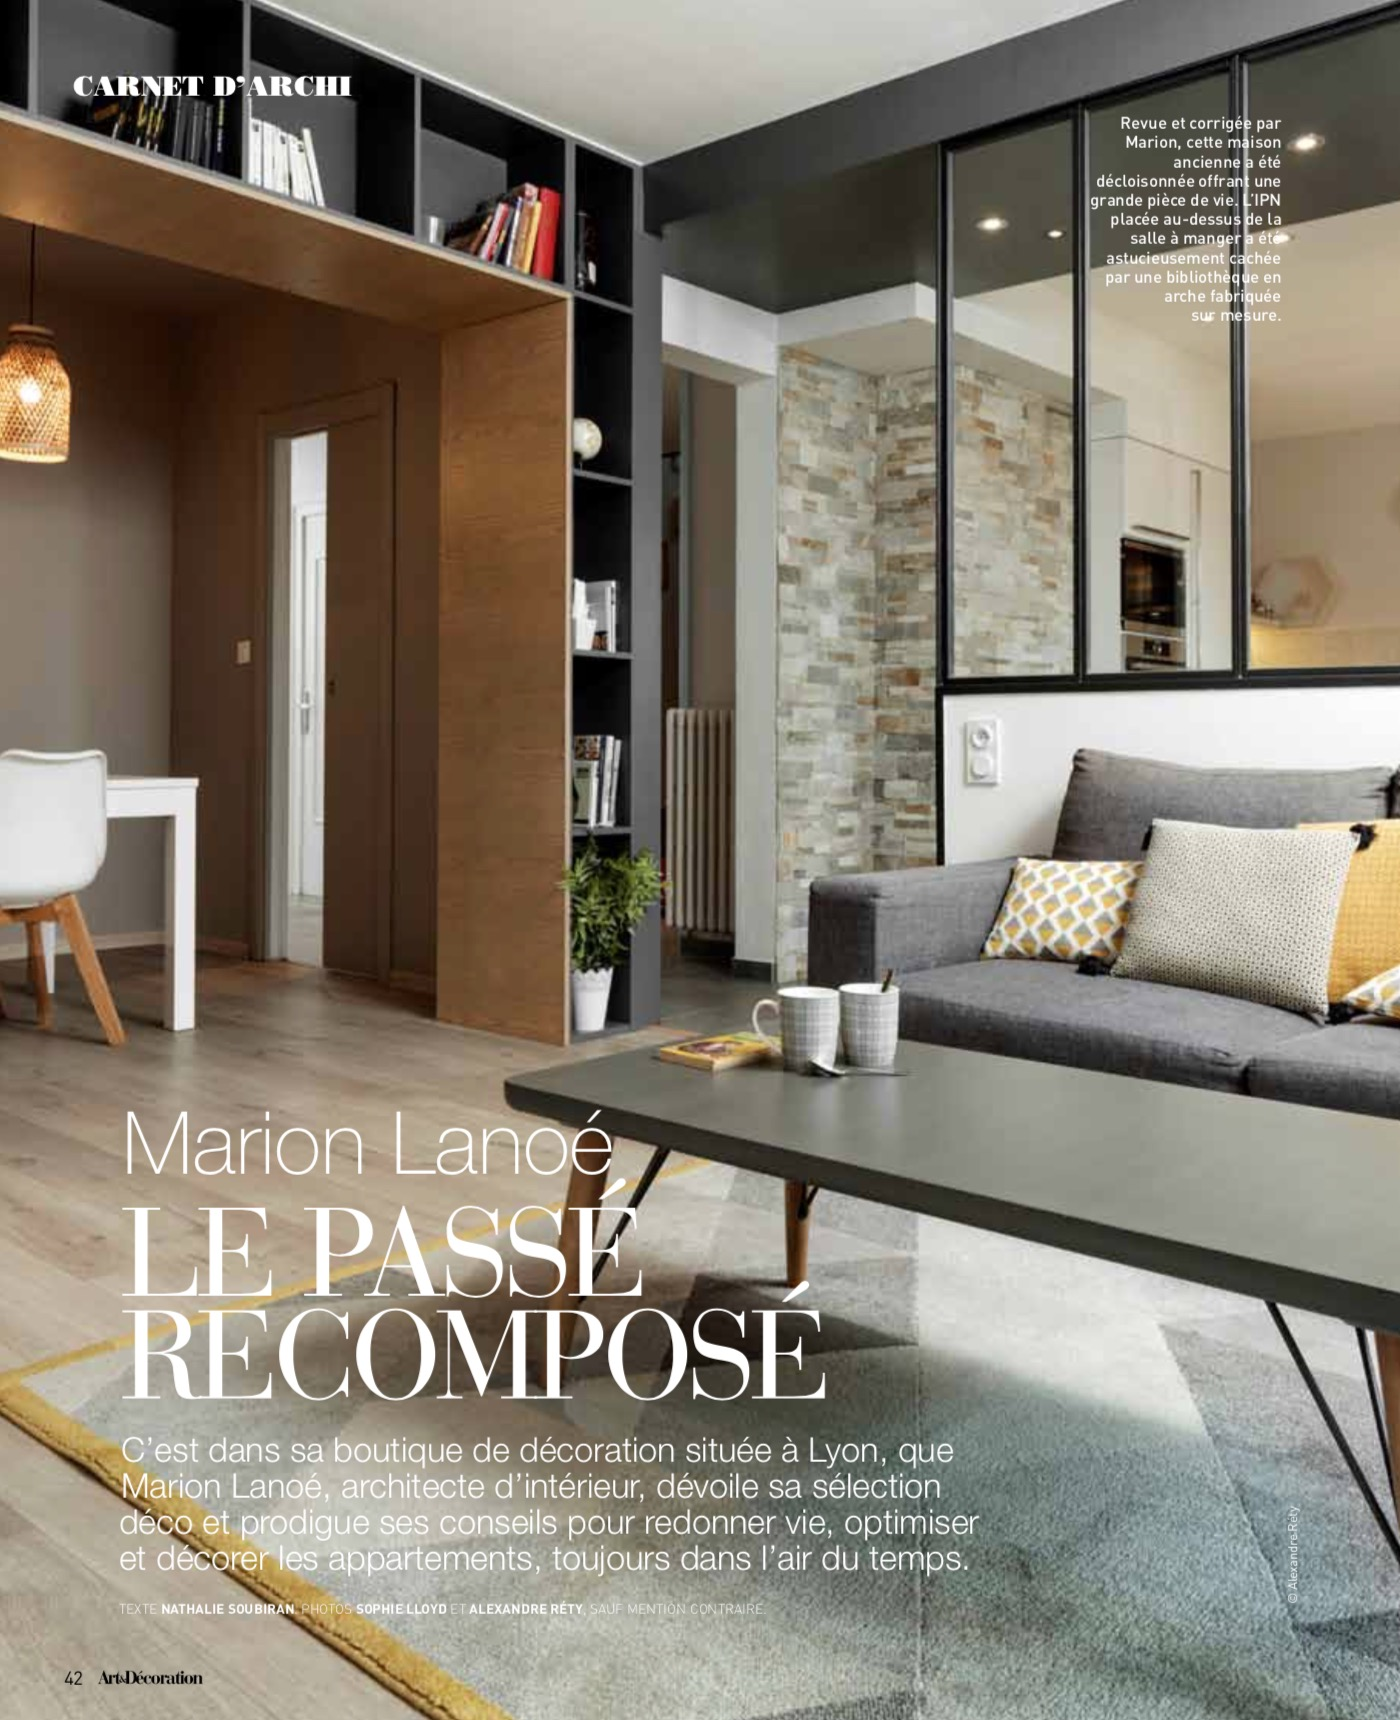 Pare Vent Interieur Decoration Cheap Cache Chauffeeau Claustra Bois